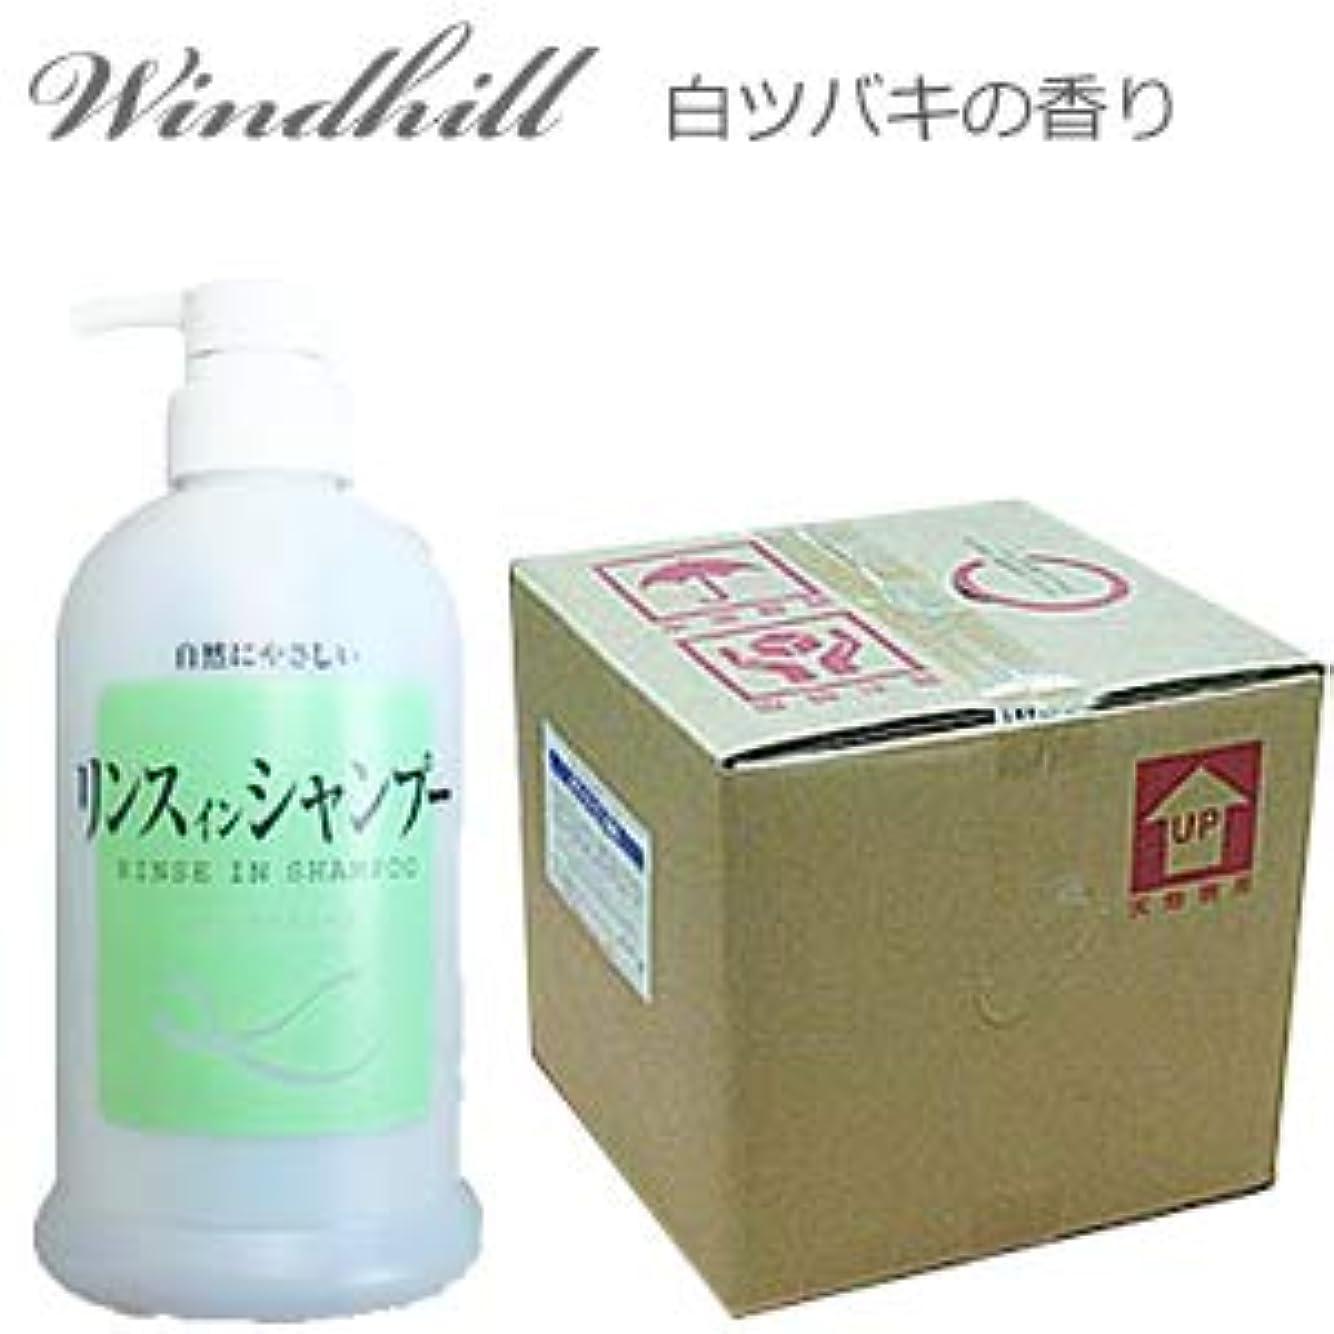 額安価なベッドなんと! 500ml当り175円 Windhill 植物性 業務用 リンスインシャンプー 白椿の香り